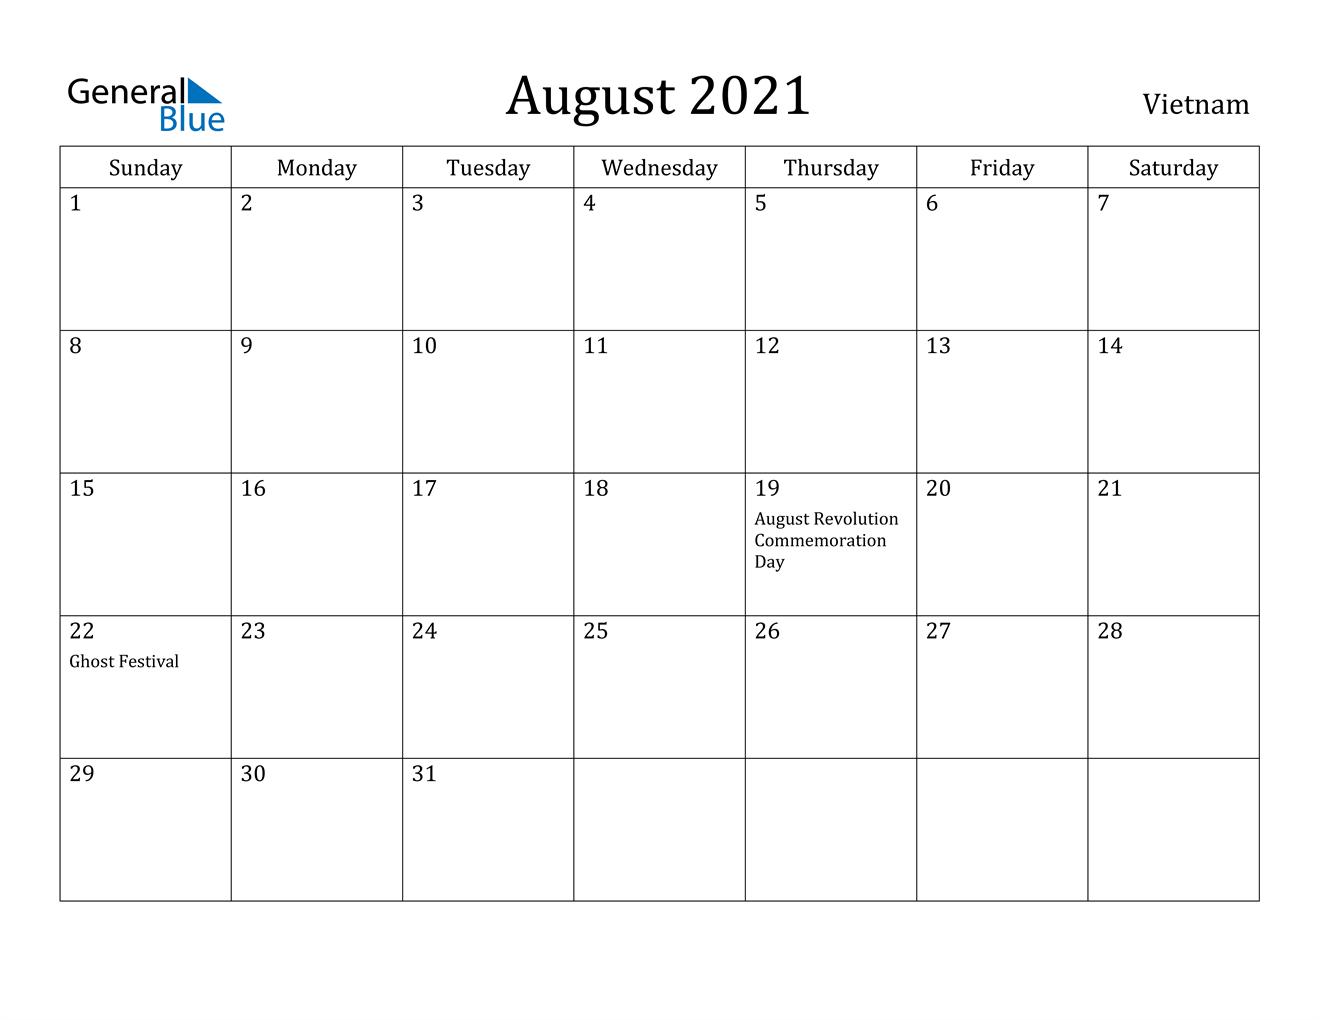 August 2021 Calendar - Vietnam